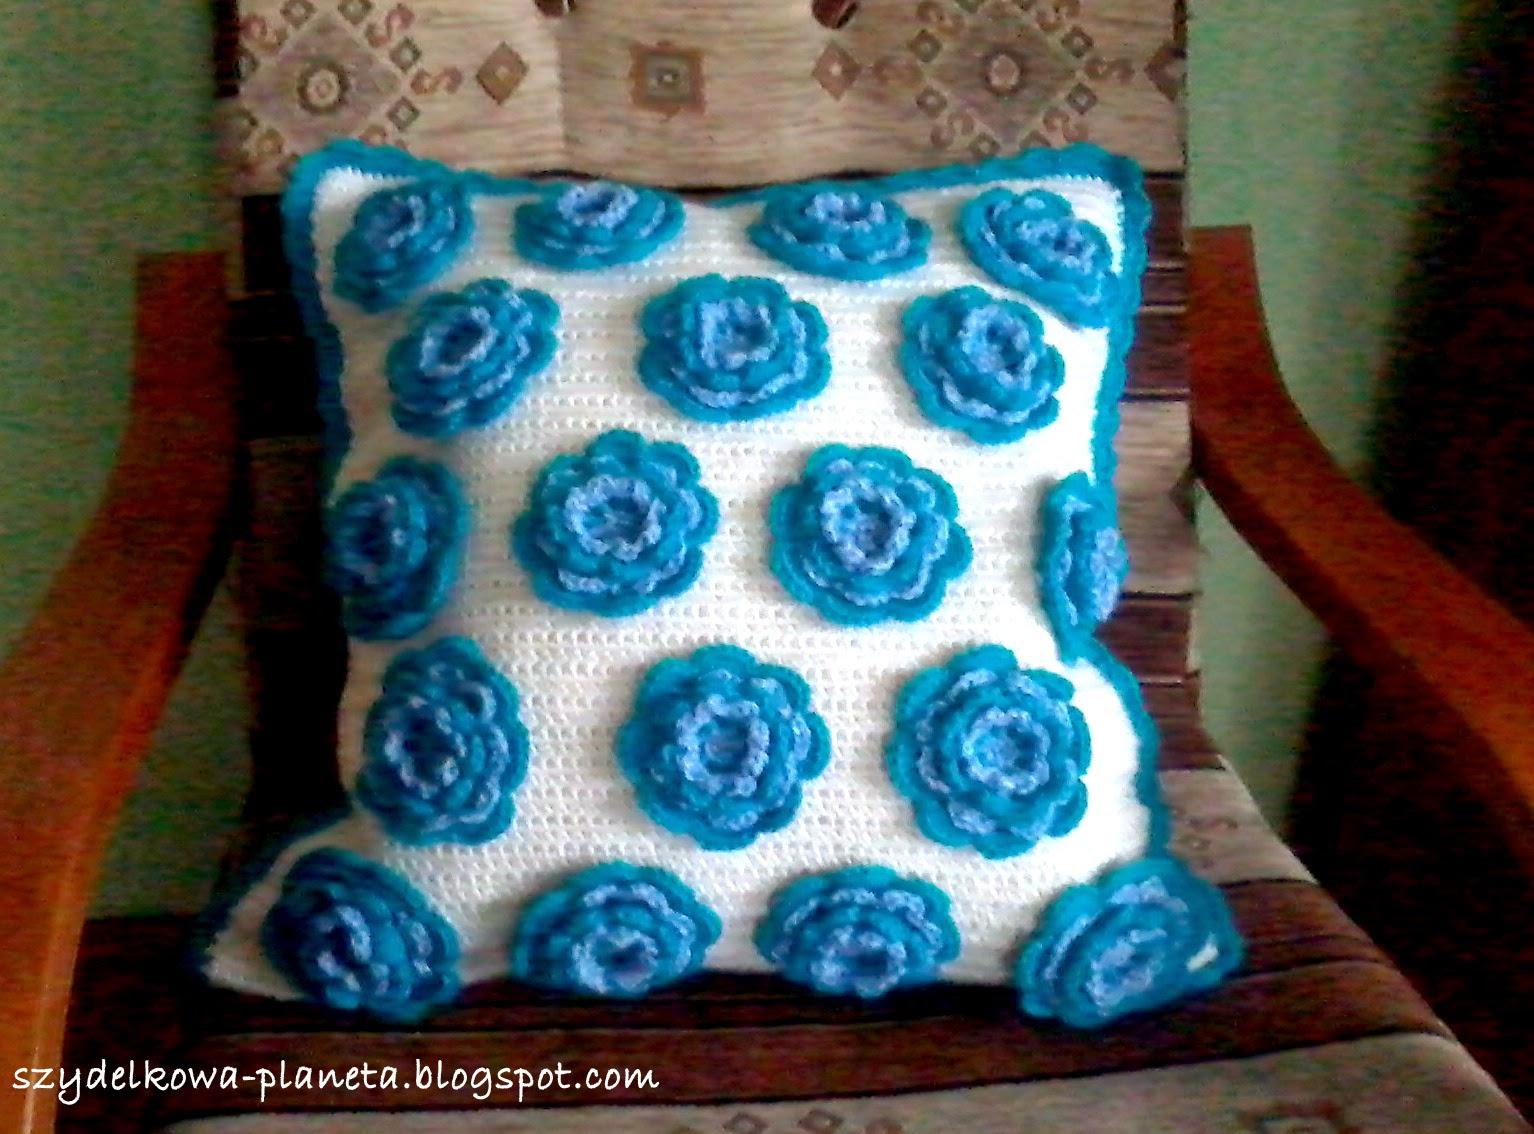 poduszka w kwiatki na szydełku